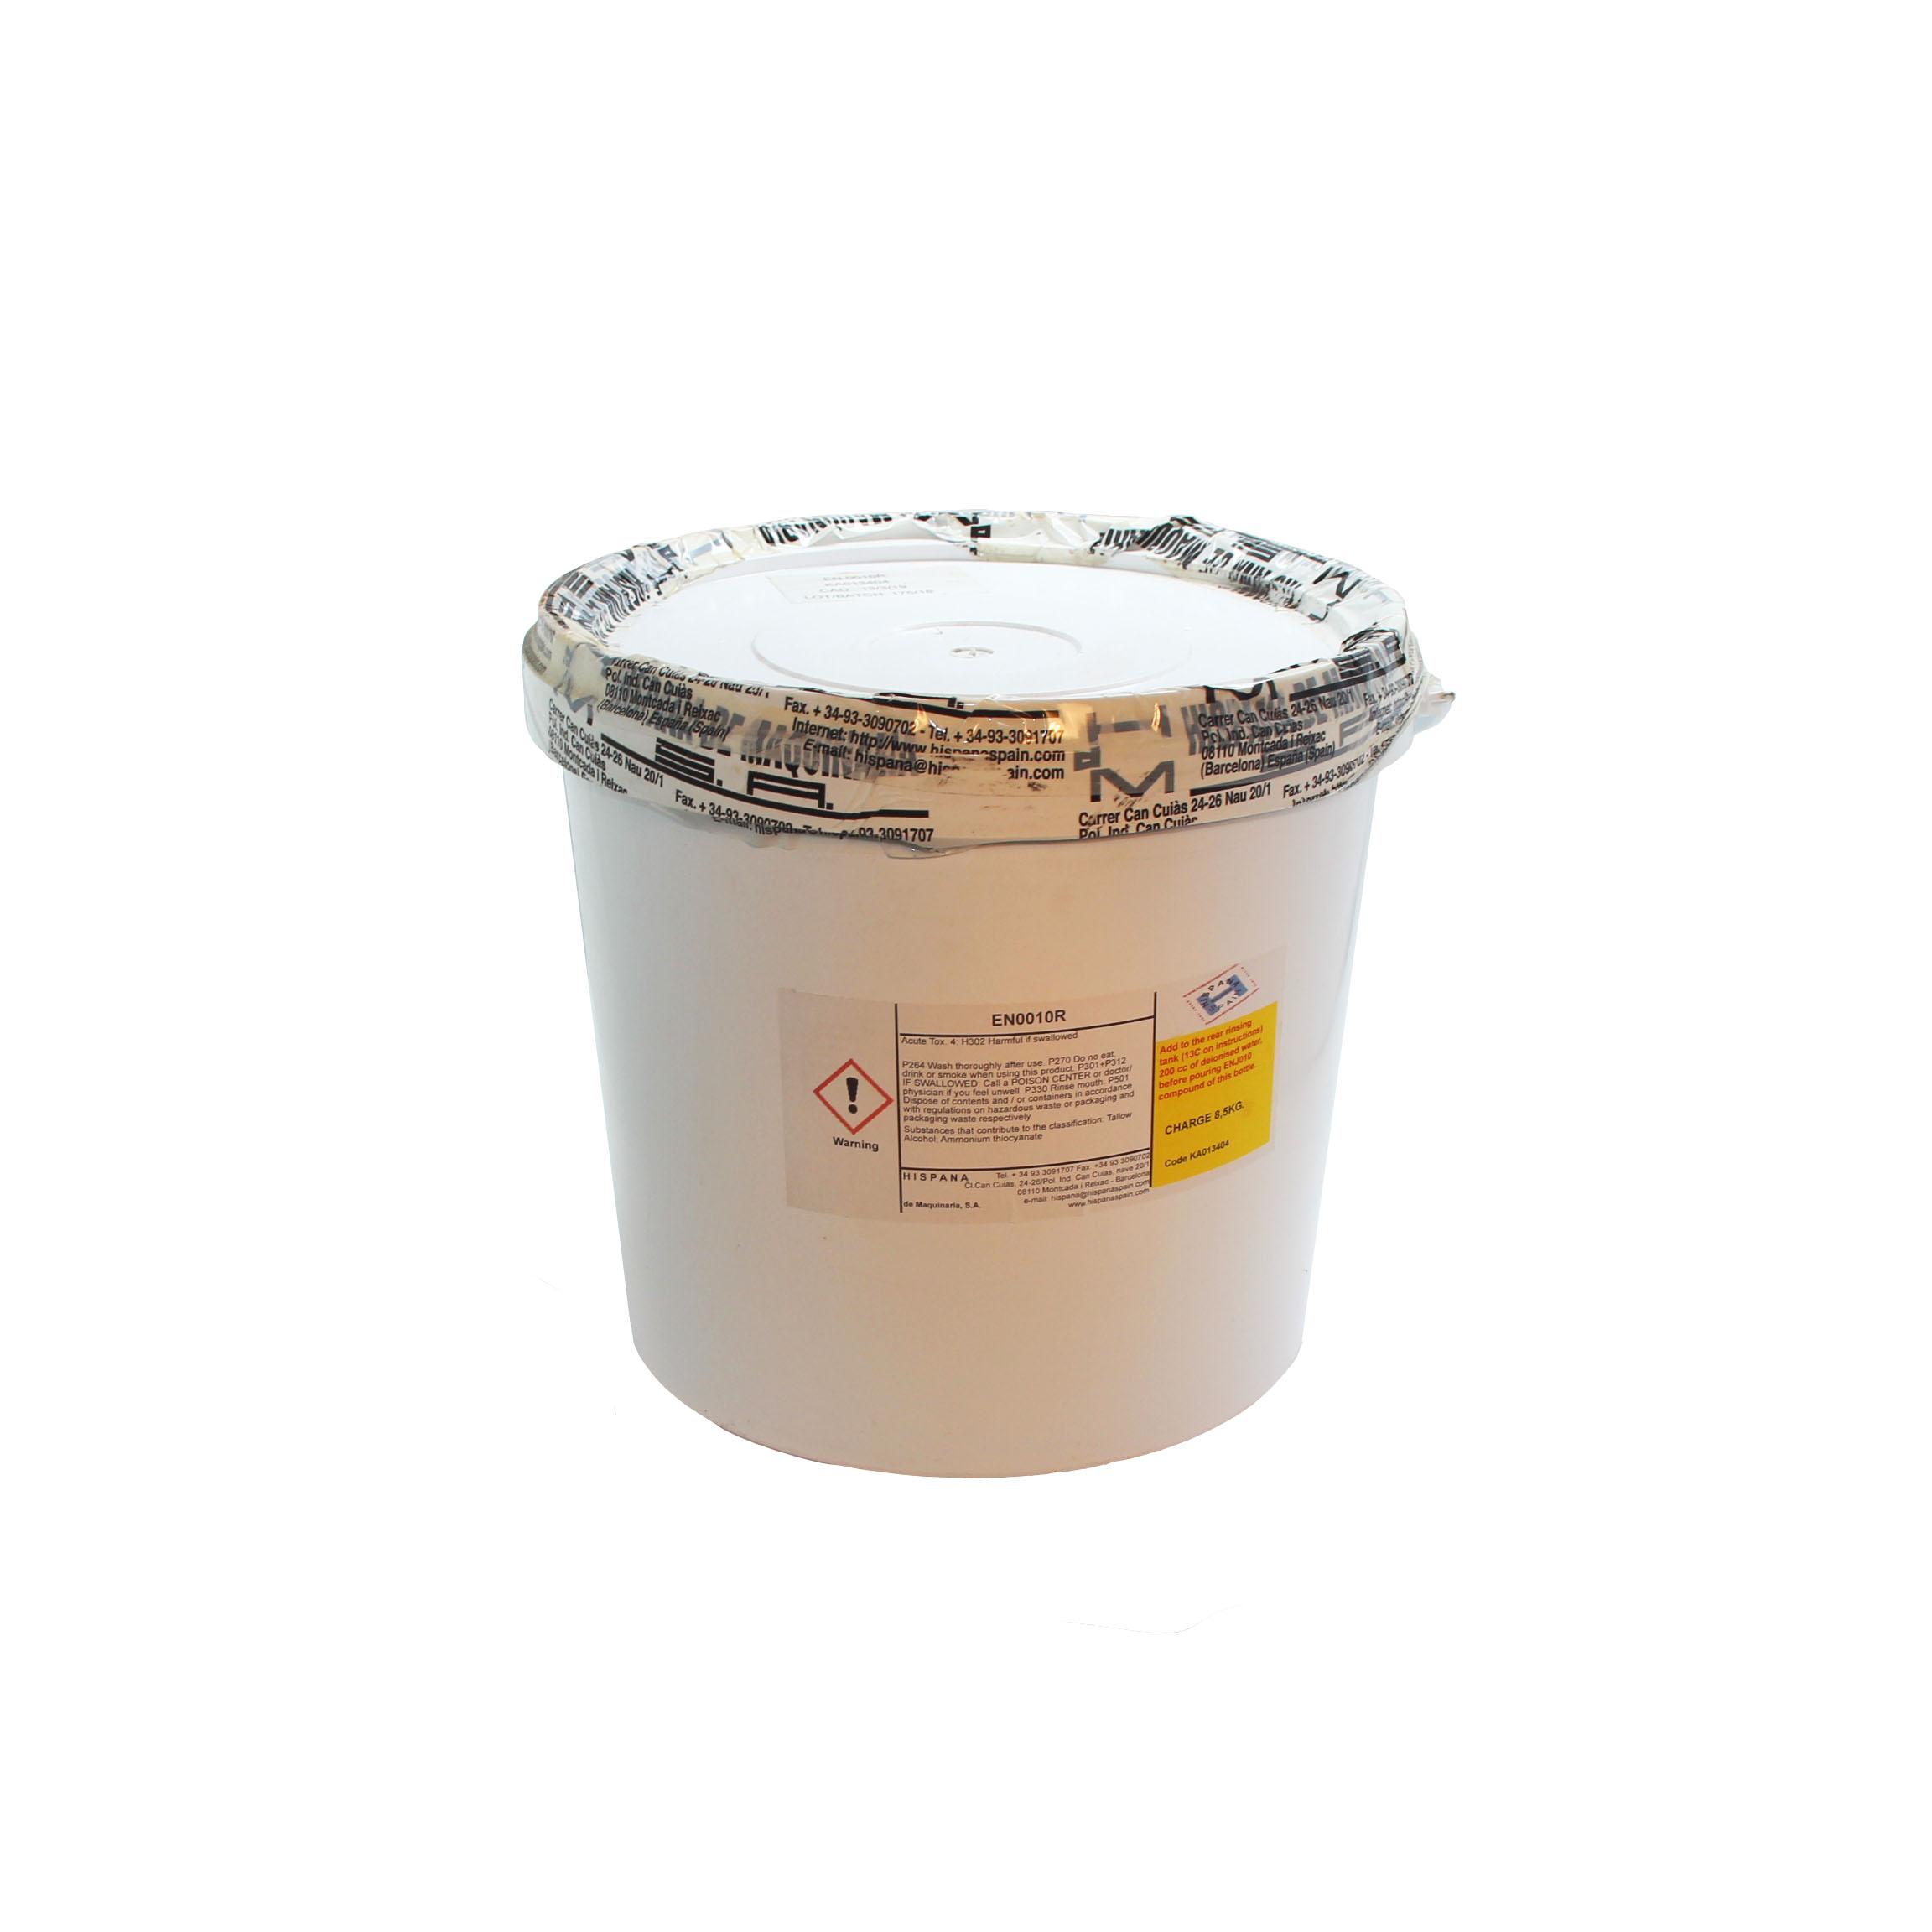 Компаунд EN0010, добавка, пластик. ведро 8л КА013405